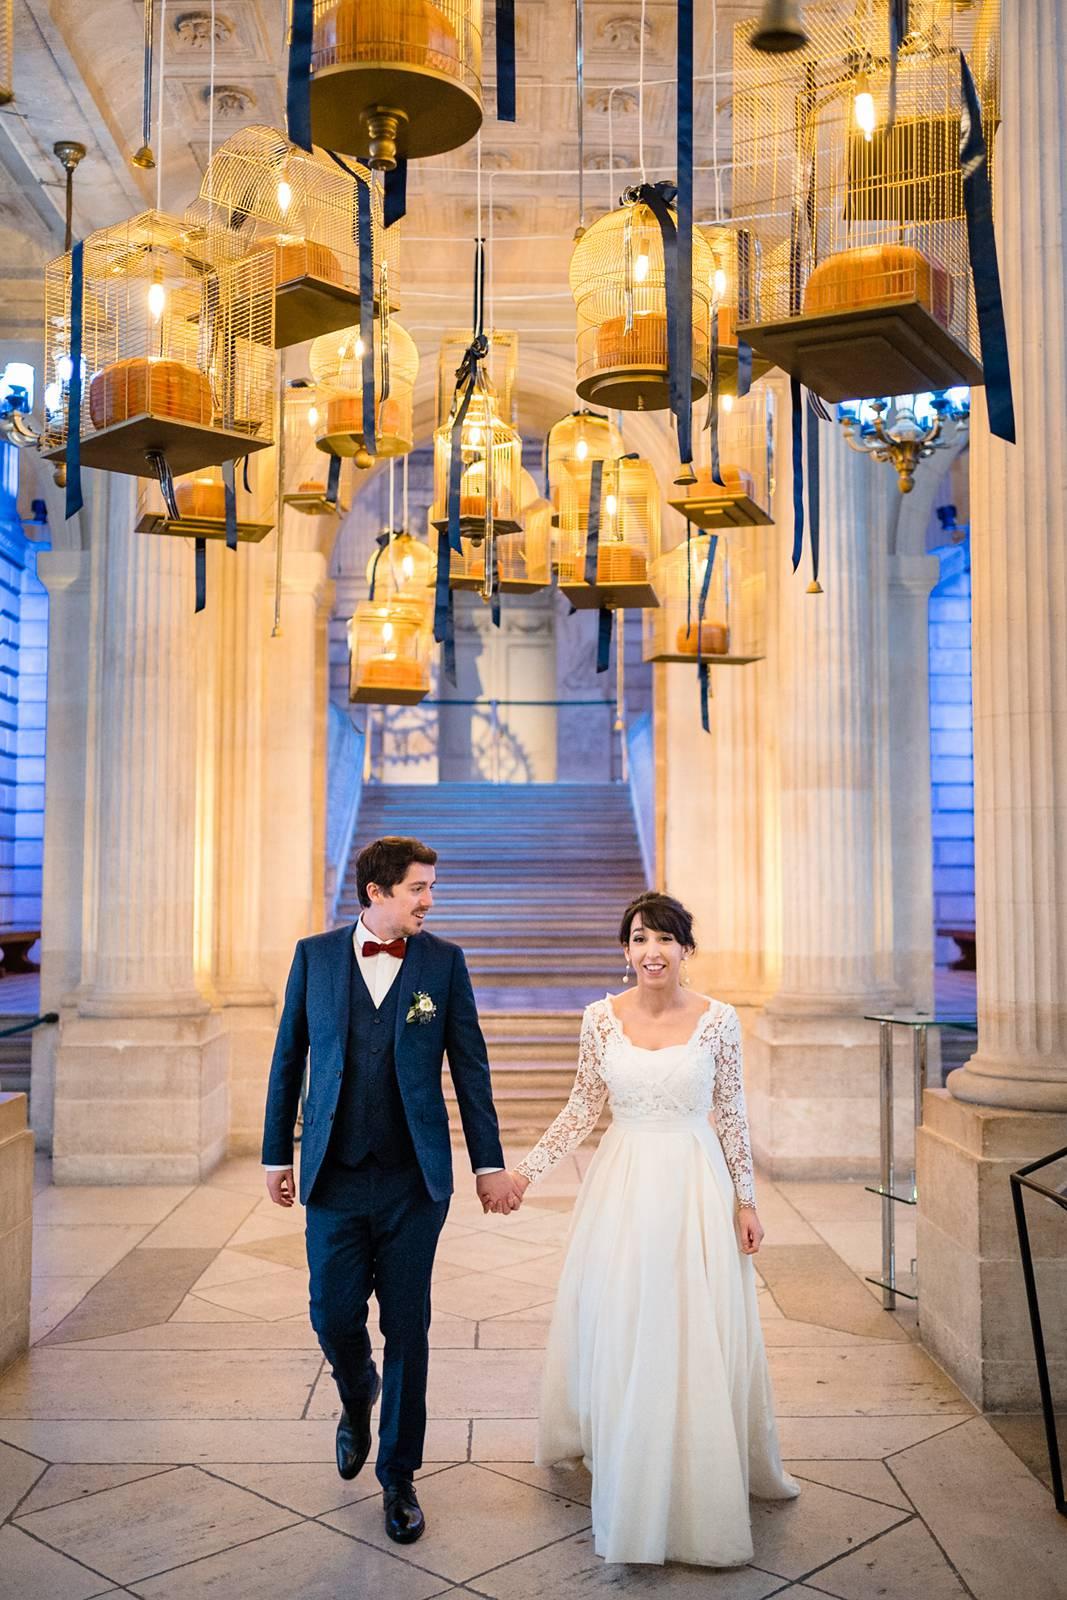 L'aperçu du mariage d'hiver, en décembre, de I+R à Bordeaux centre, à la Mairie de Caudéran puis à la Grande Poste. Alexandre Roschewitz Photographe.